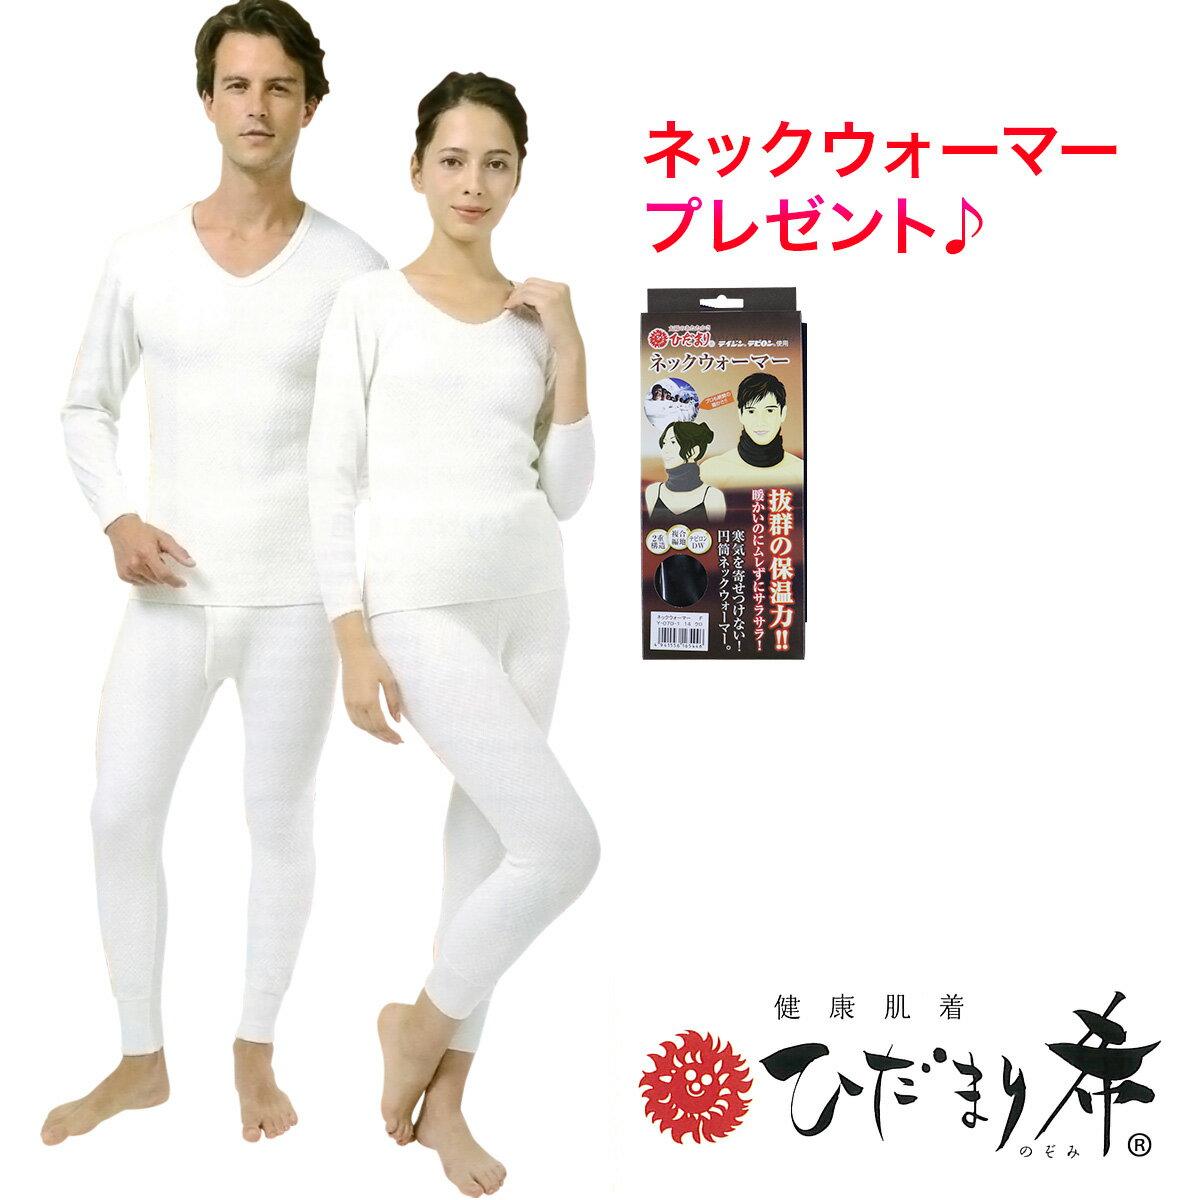 ひだまり 超あったか福袋「希」 肌着上下セット & 靴下とネックウォーマープレゼント メンズ レディース 日本製 長袖 冬 暖かい あったか あたたかい 紳士 婦人